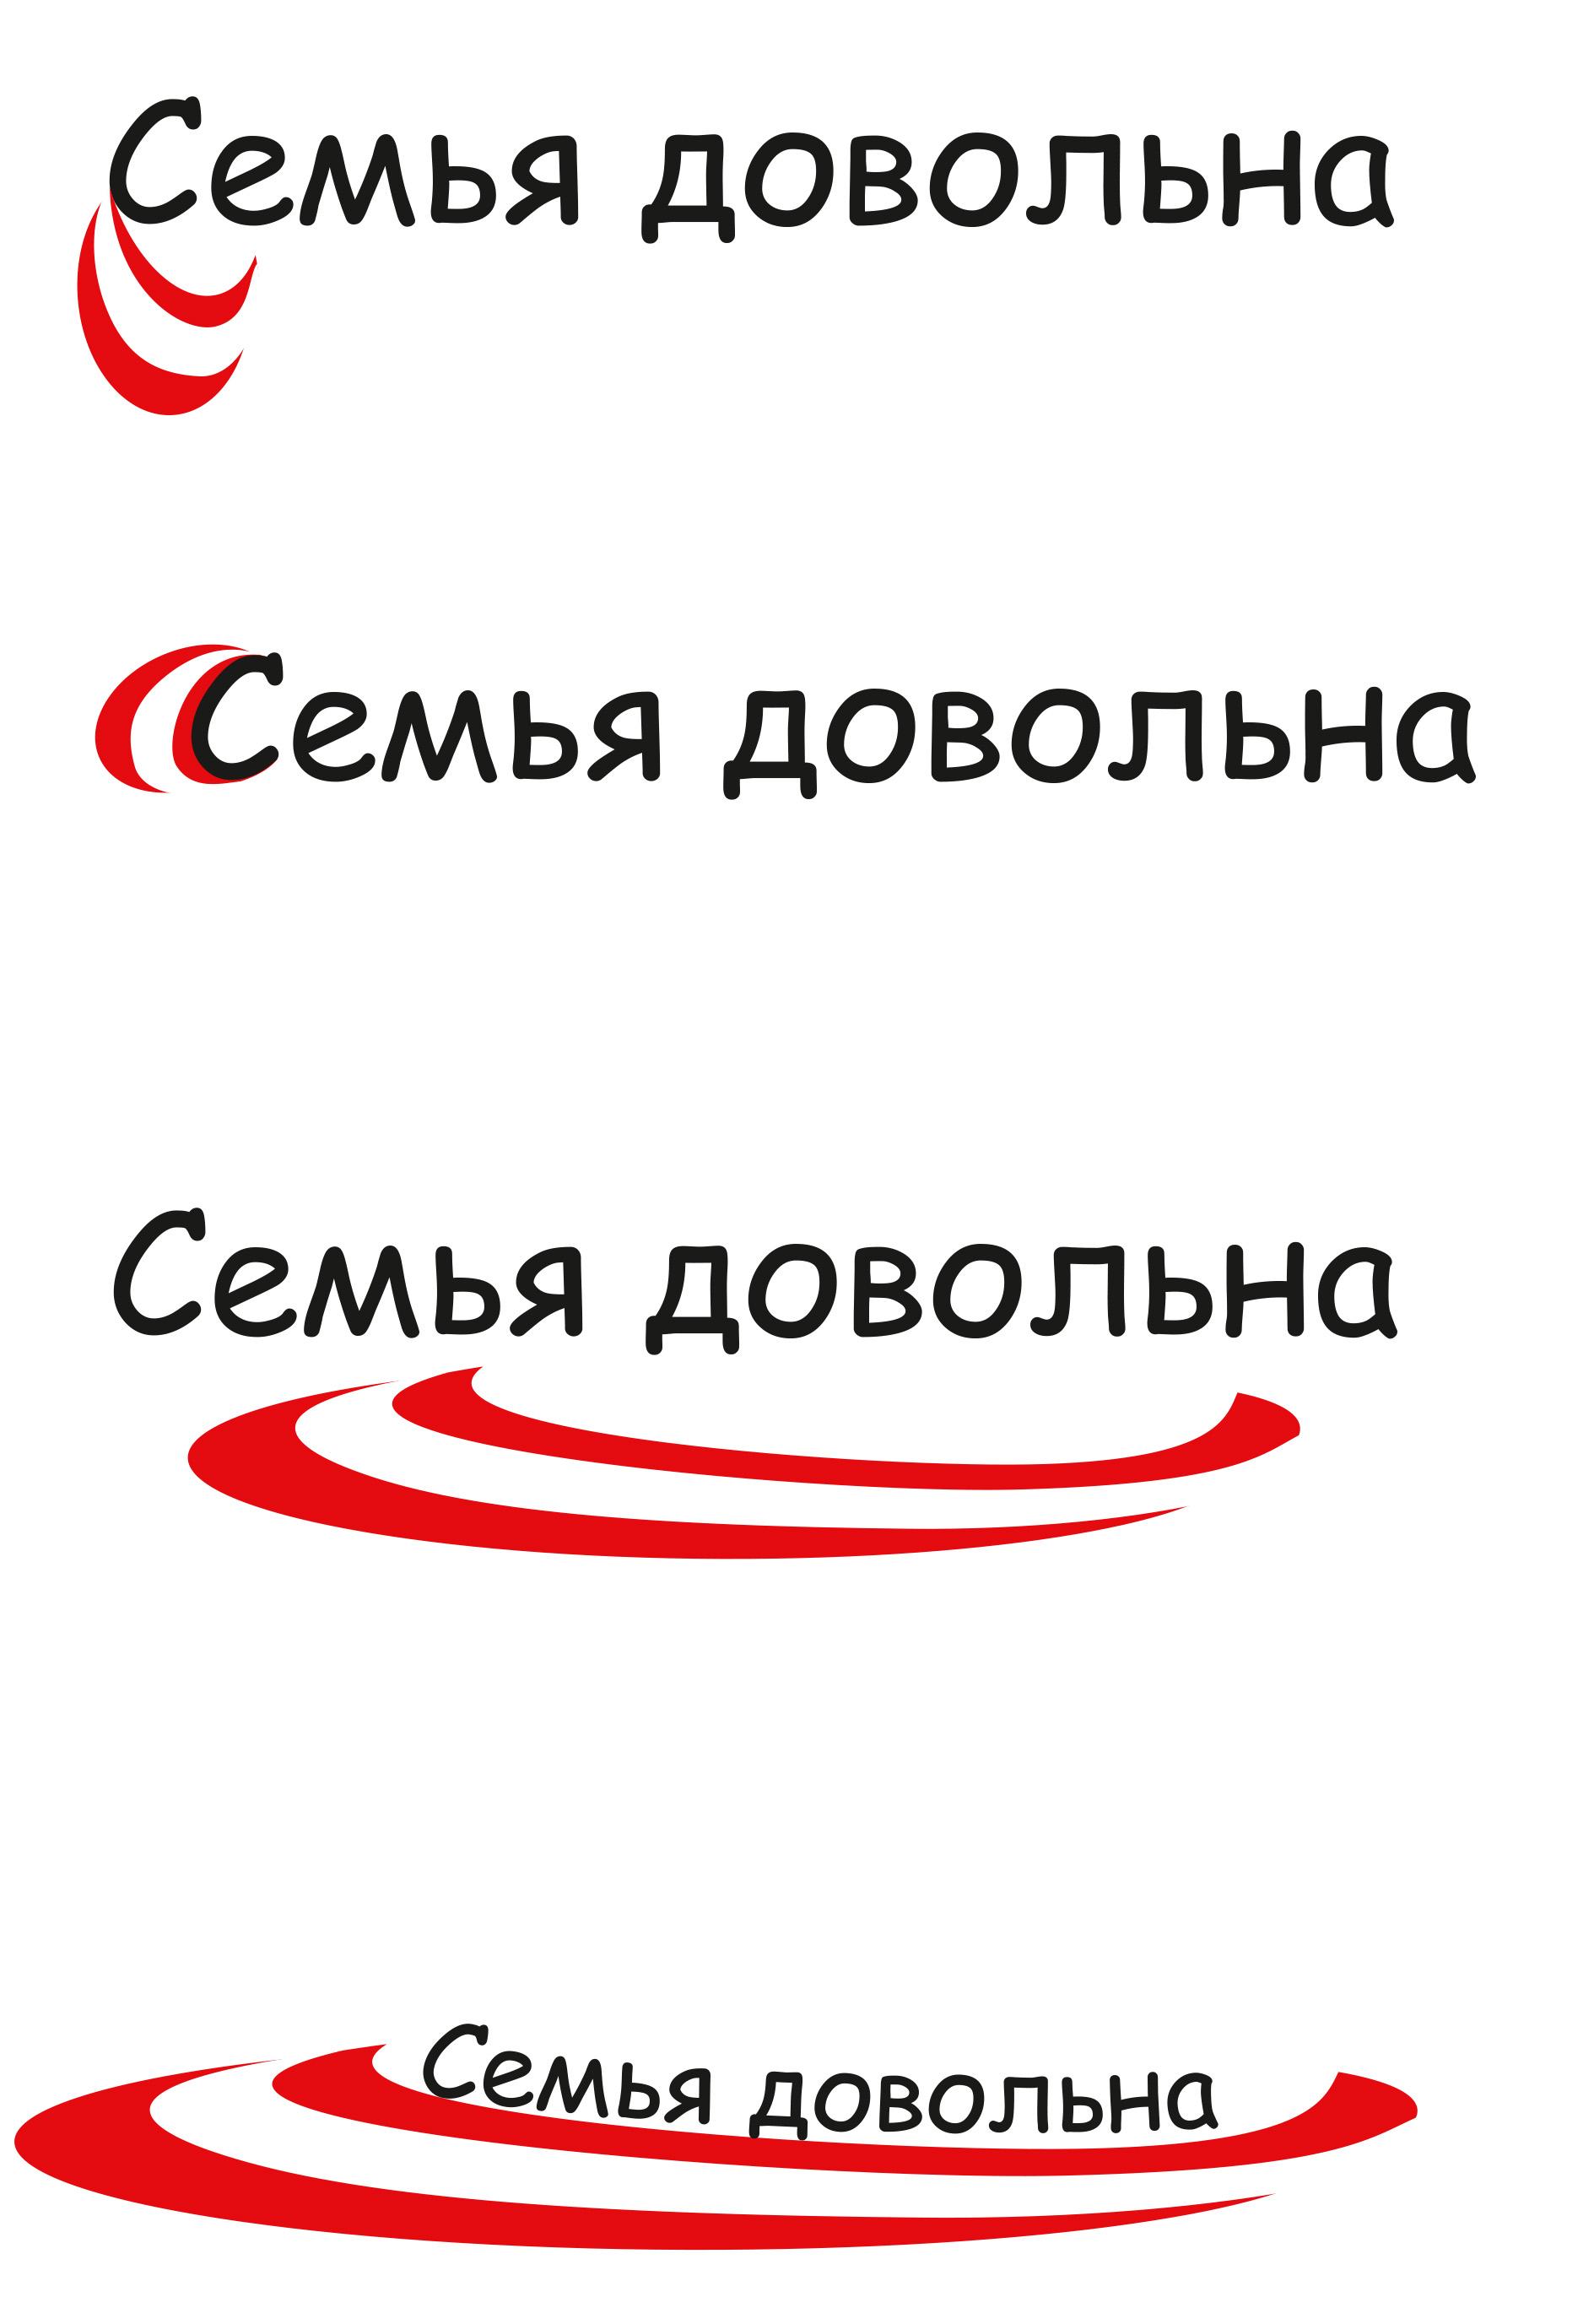 """Разработайте логотип для торговой марки """"Семья довольна"""" фото f_680596c9d4f90343.jpg"""